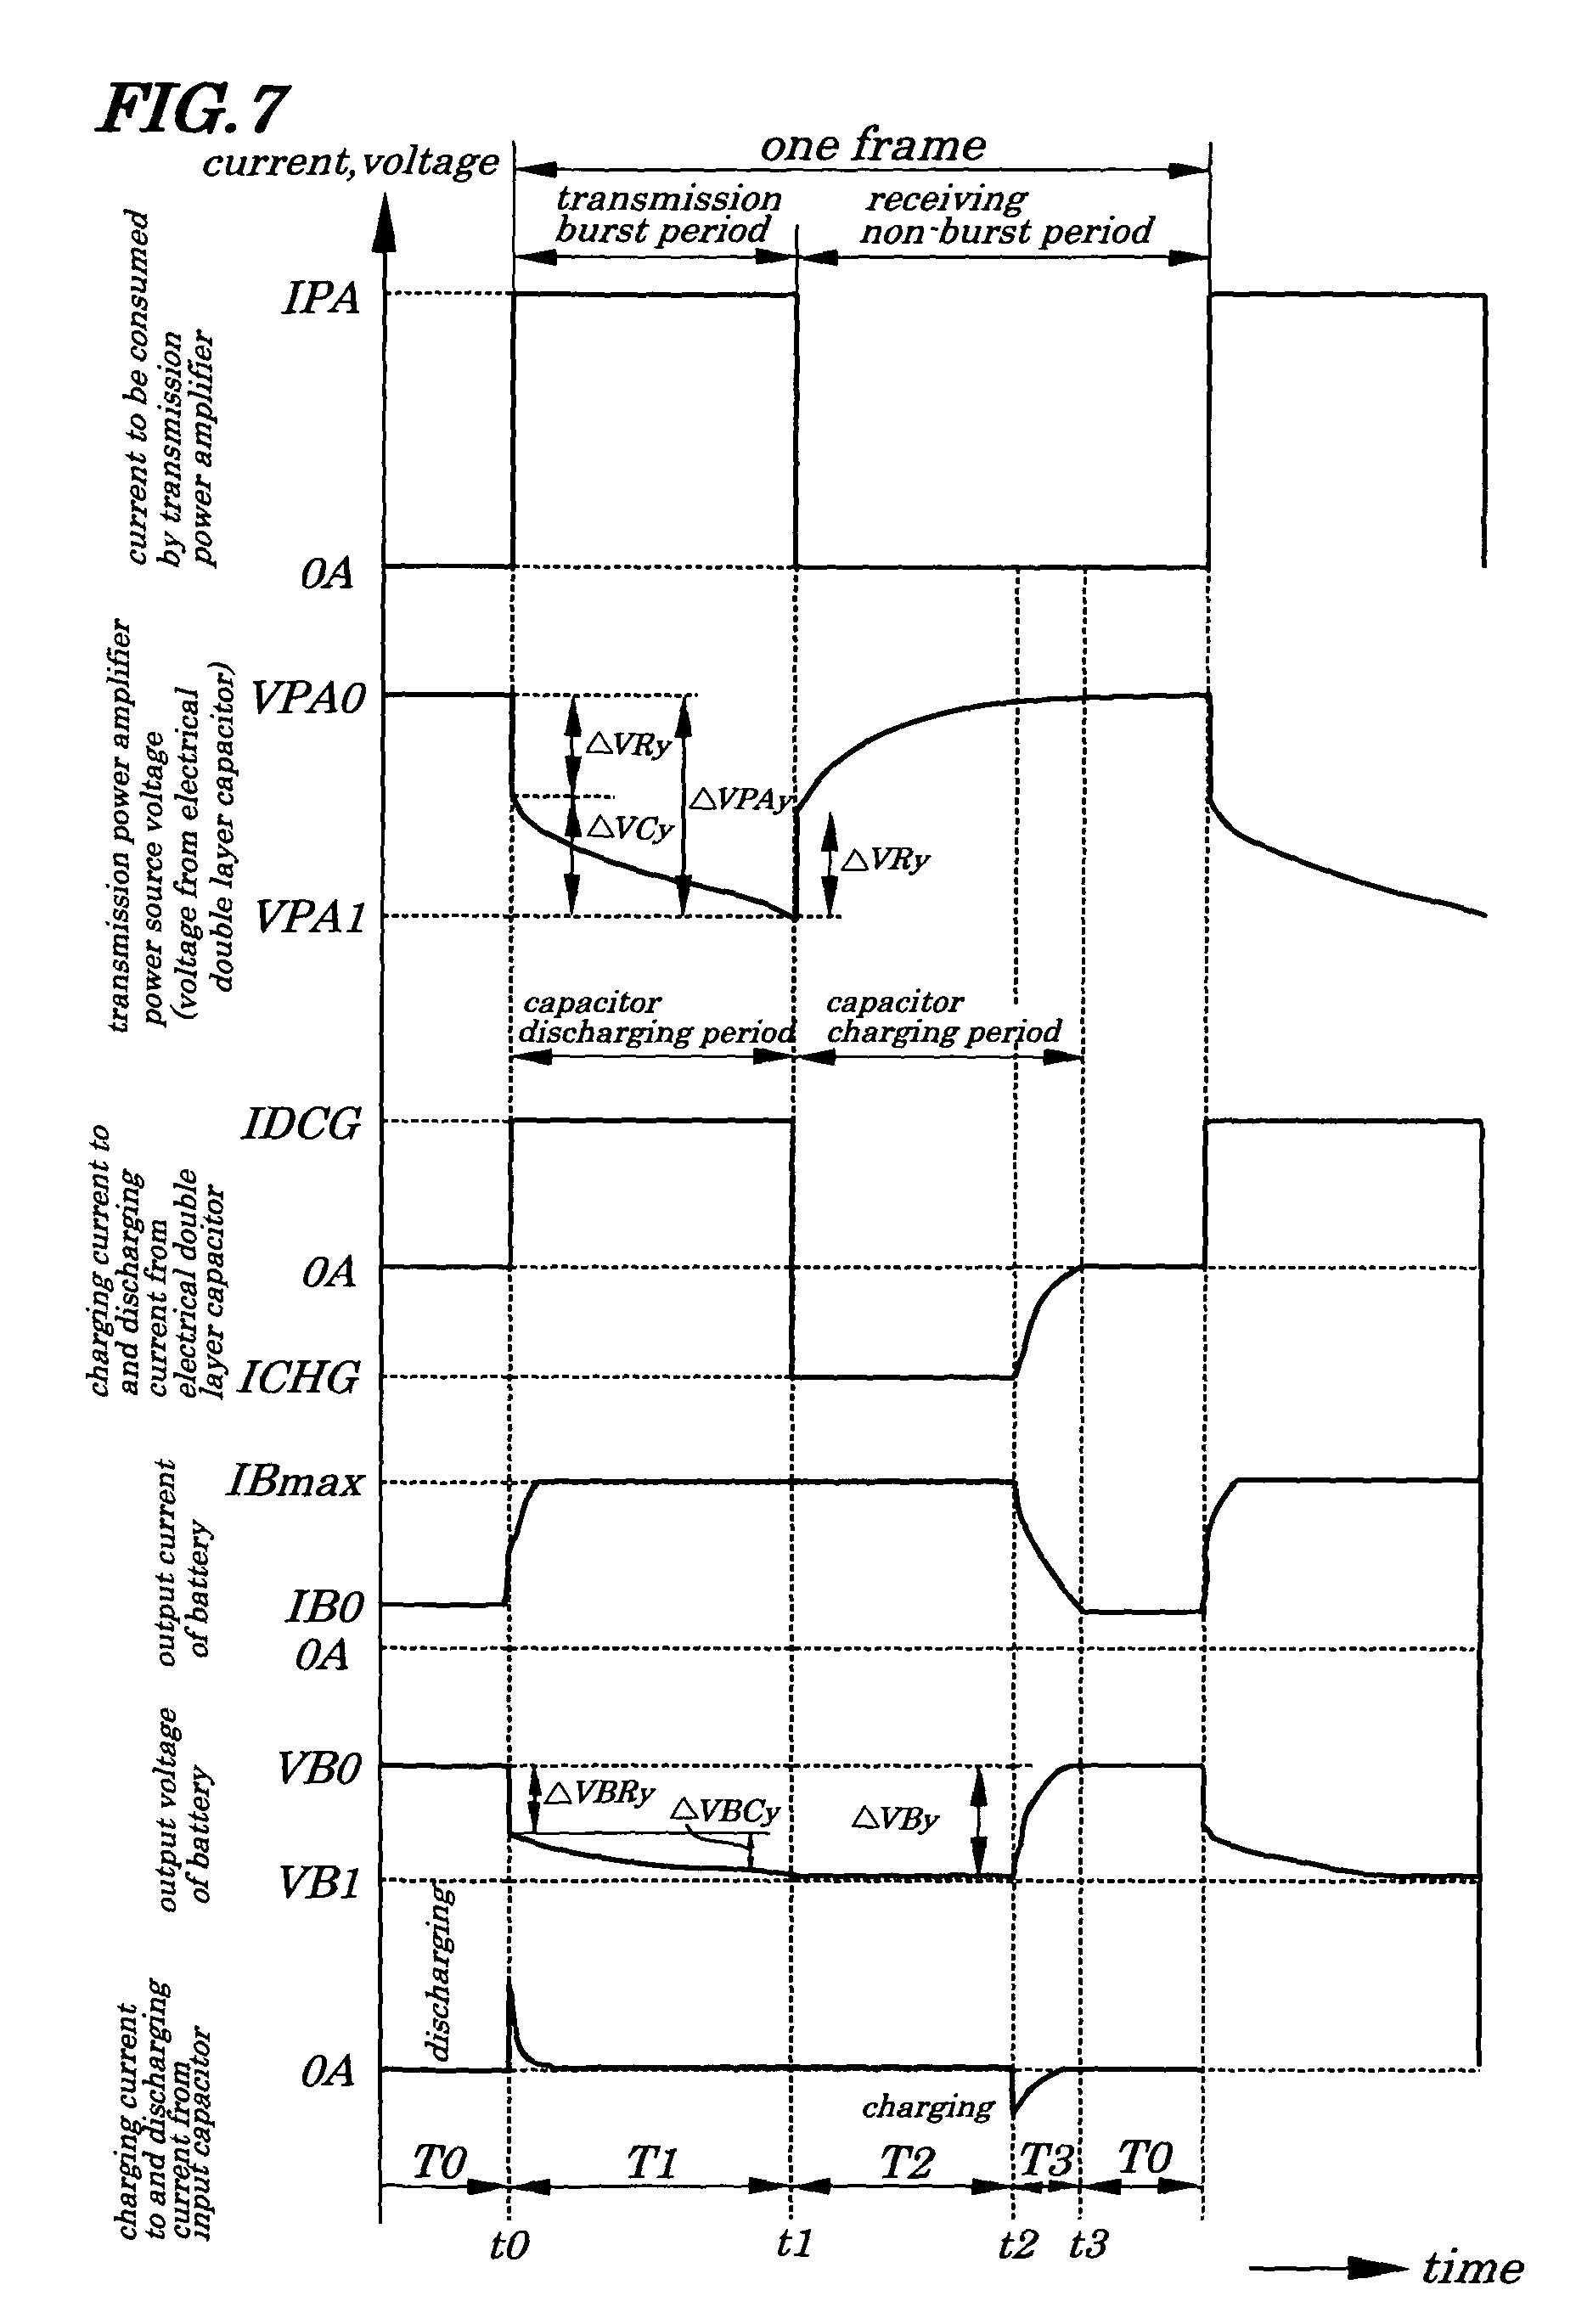 Großartig 1997 Frachtliniendraht Fotos - Der Schaltplan - triangre.info